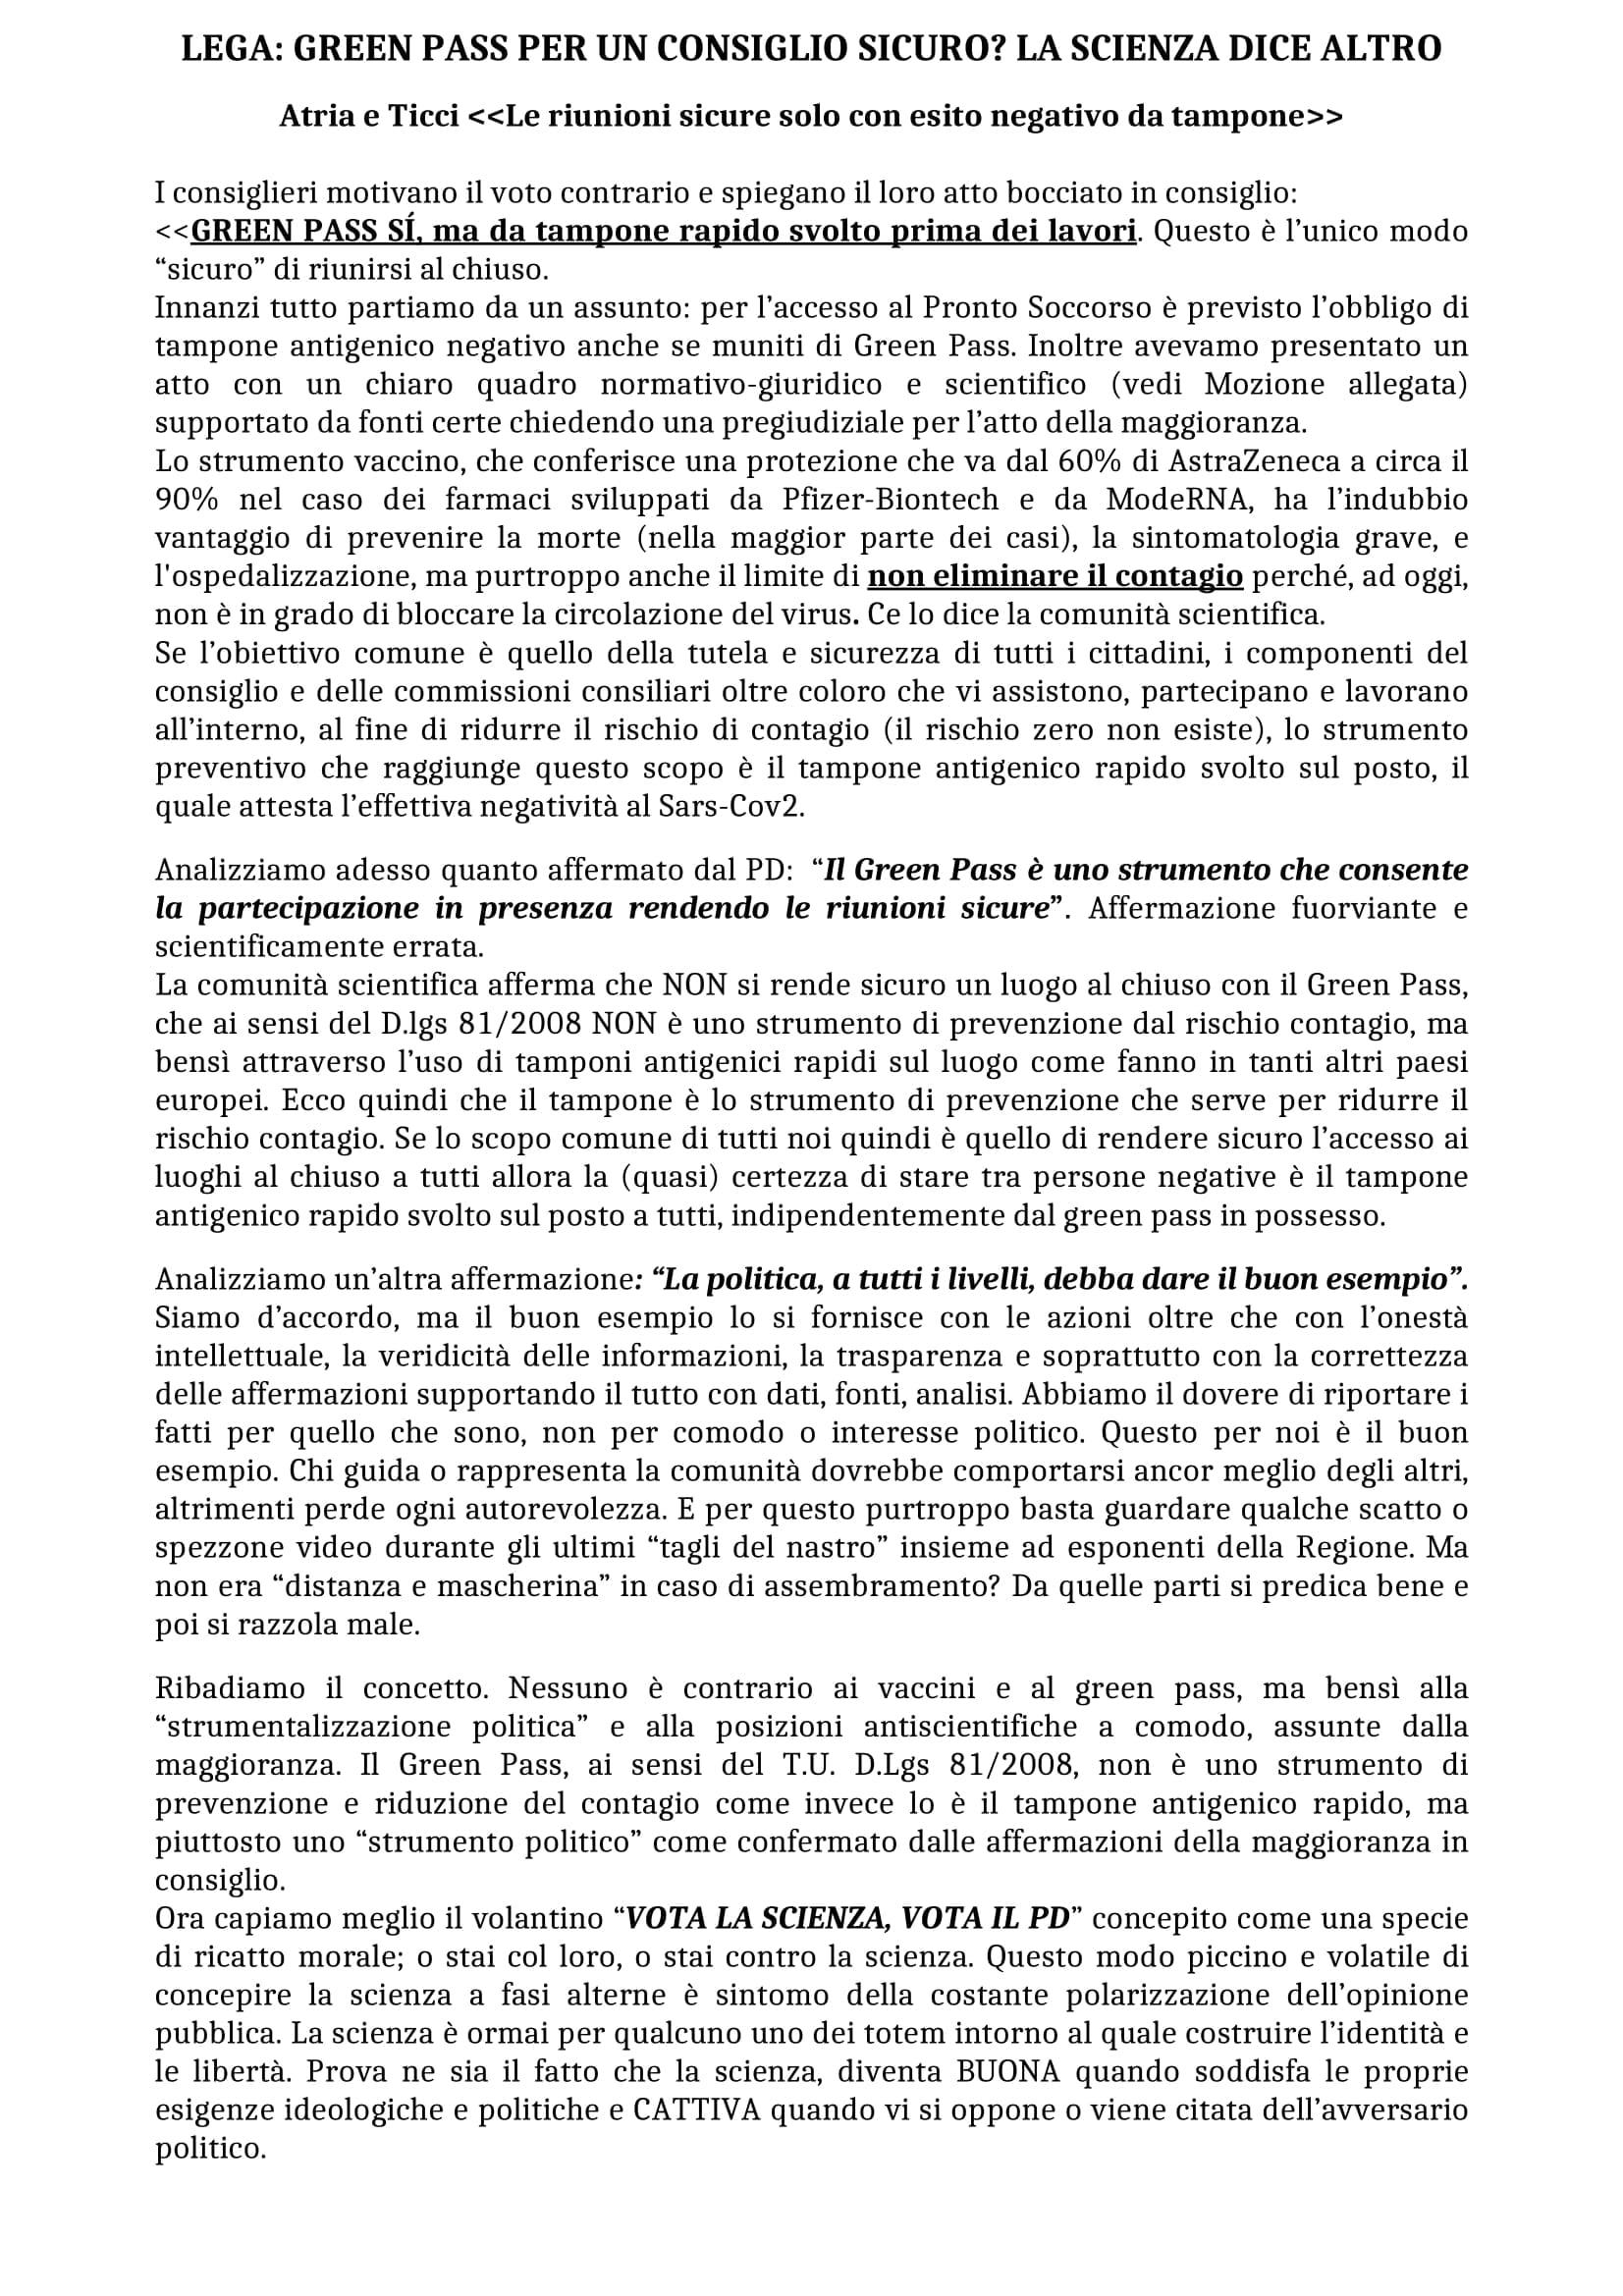 Comunicato Stampa Lega (pag.1)